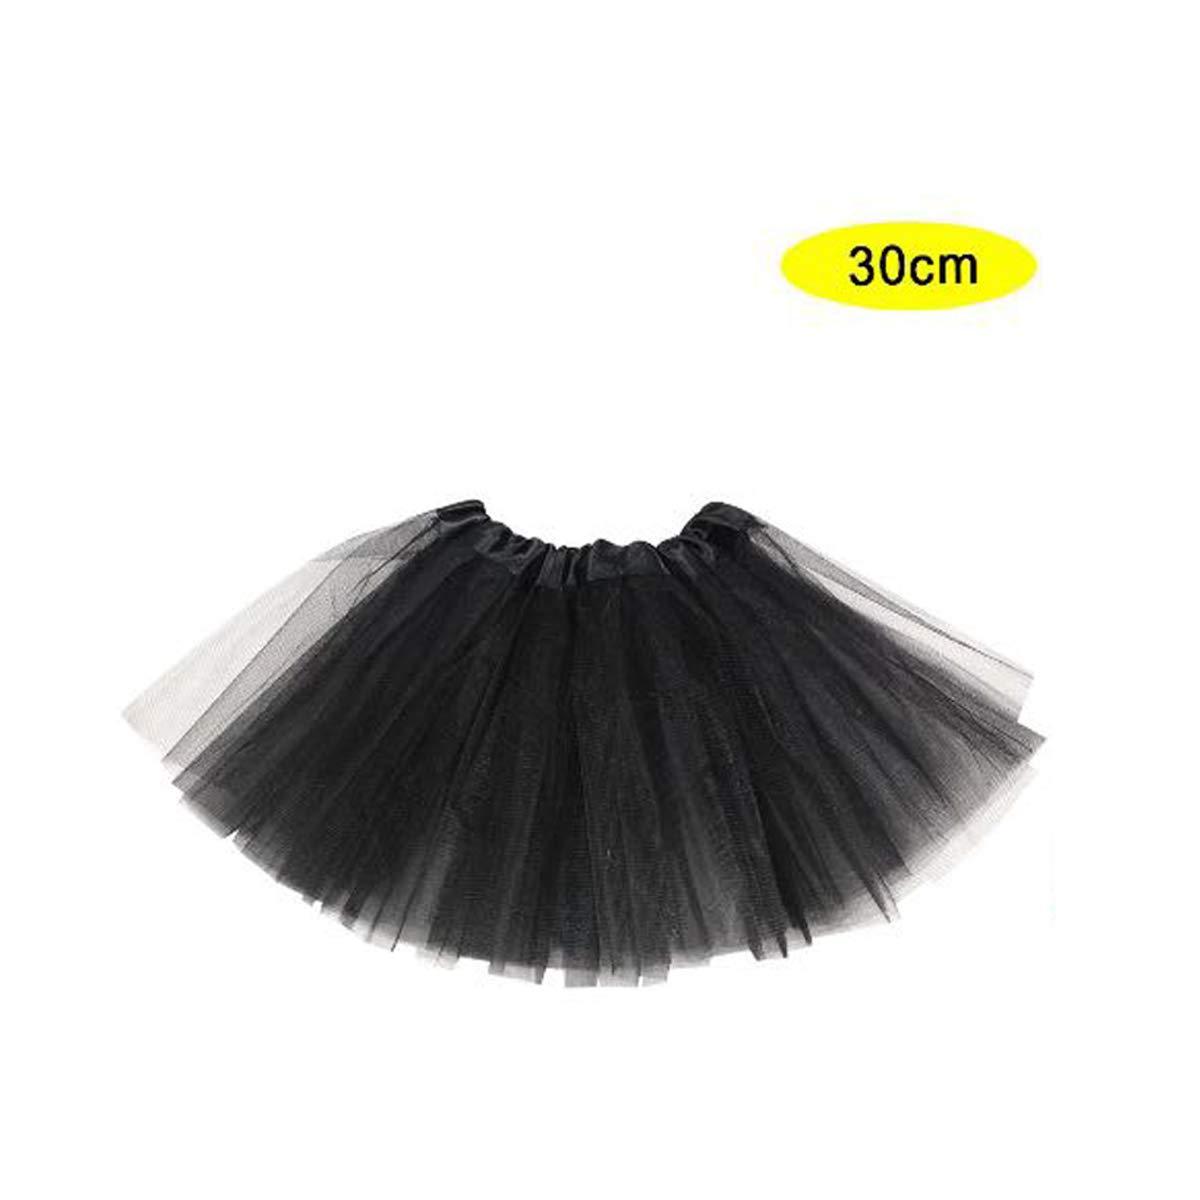 S.L Negro. Accesorio Baile Mini Falda Mujer Tama/ño 30cm Tutu Falda para Mujer y ni/ña Cisne 2013 Falda para Ballet Color Negro